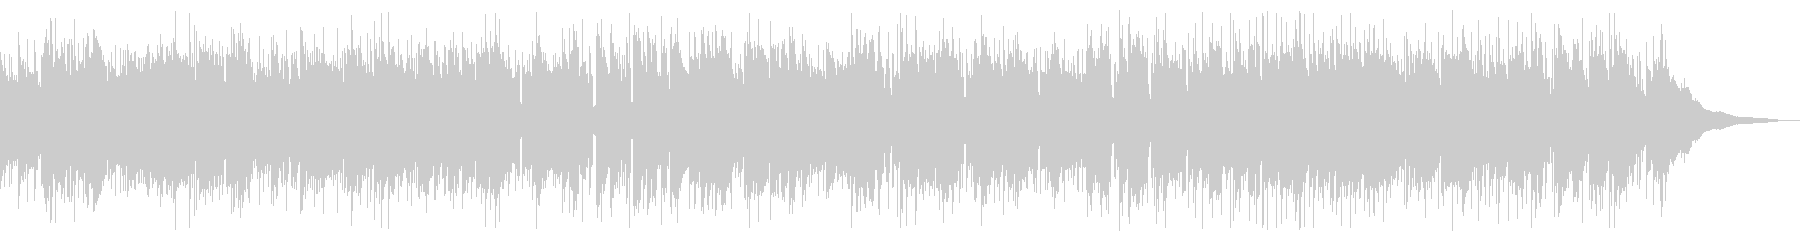 交響曲第40番 アシッドジャズの未再生の波形